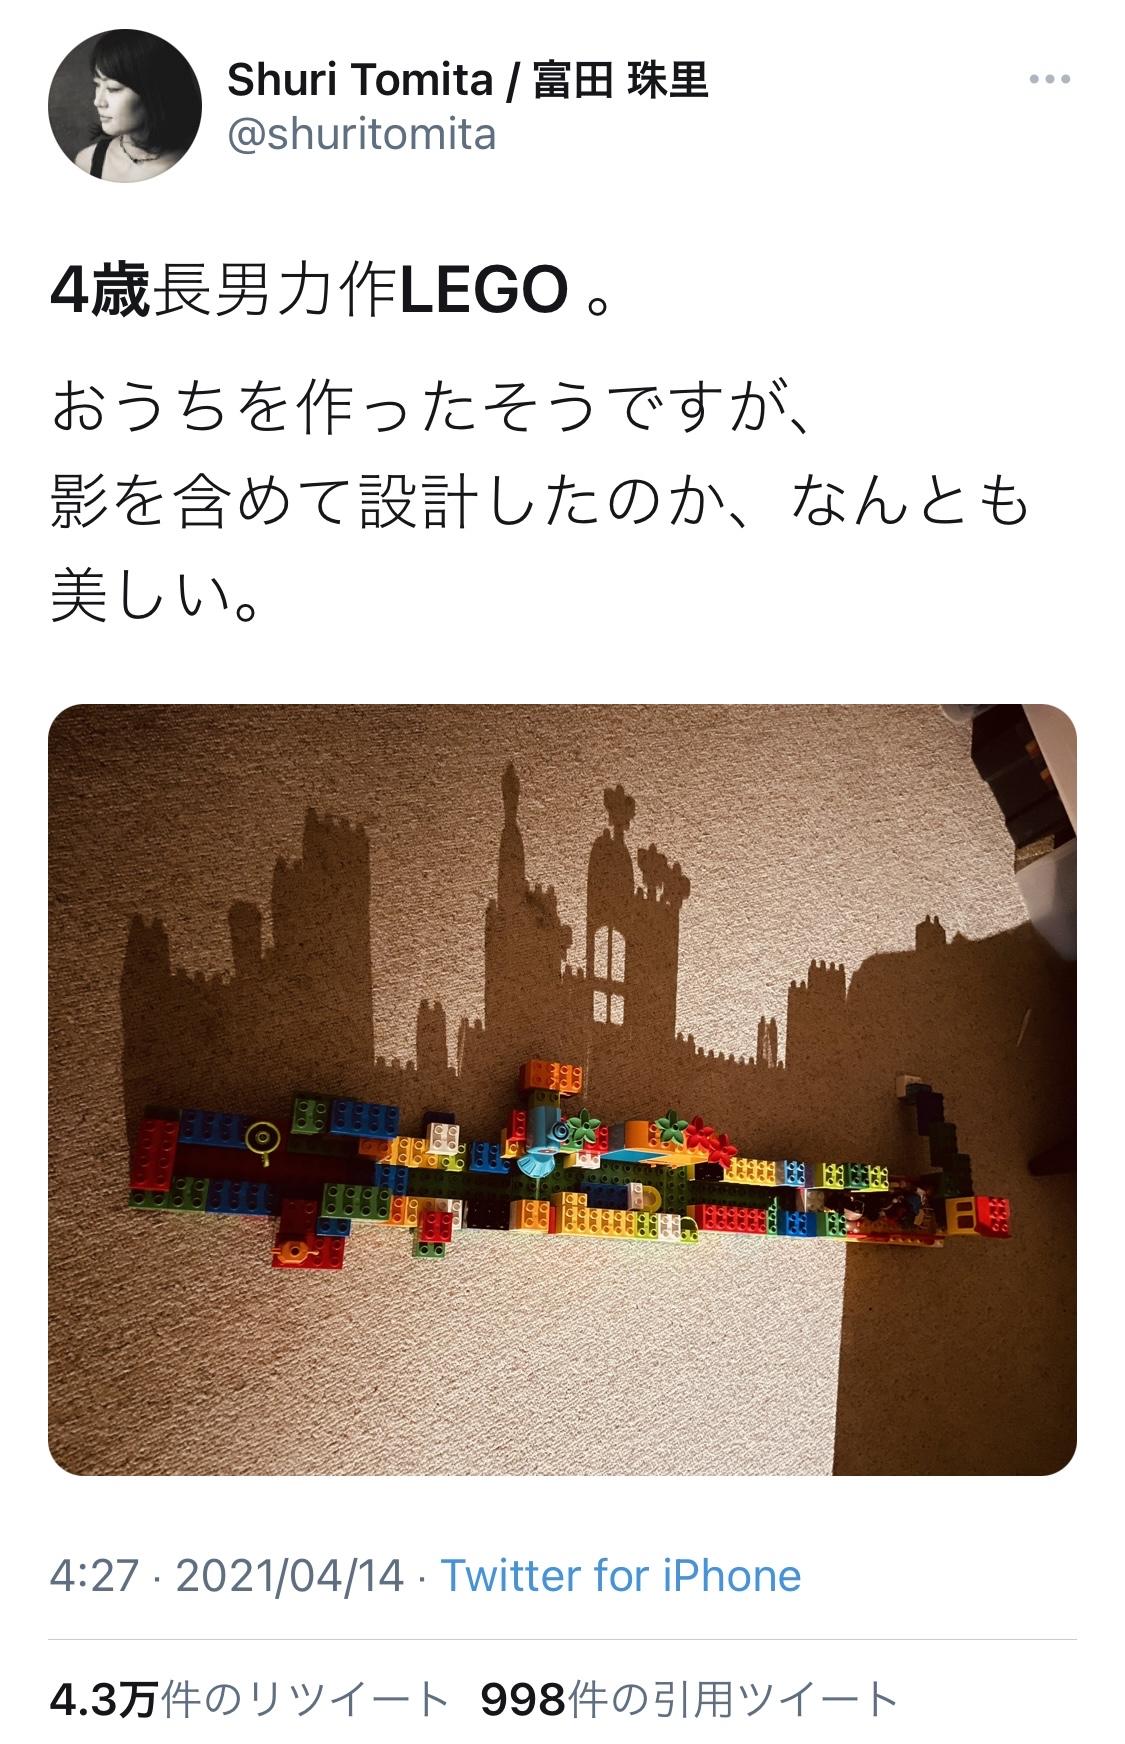 【画像】母親「うちの4歳の息子が作ったLEGOがなんとも美しい」